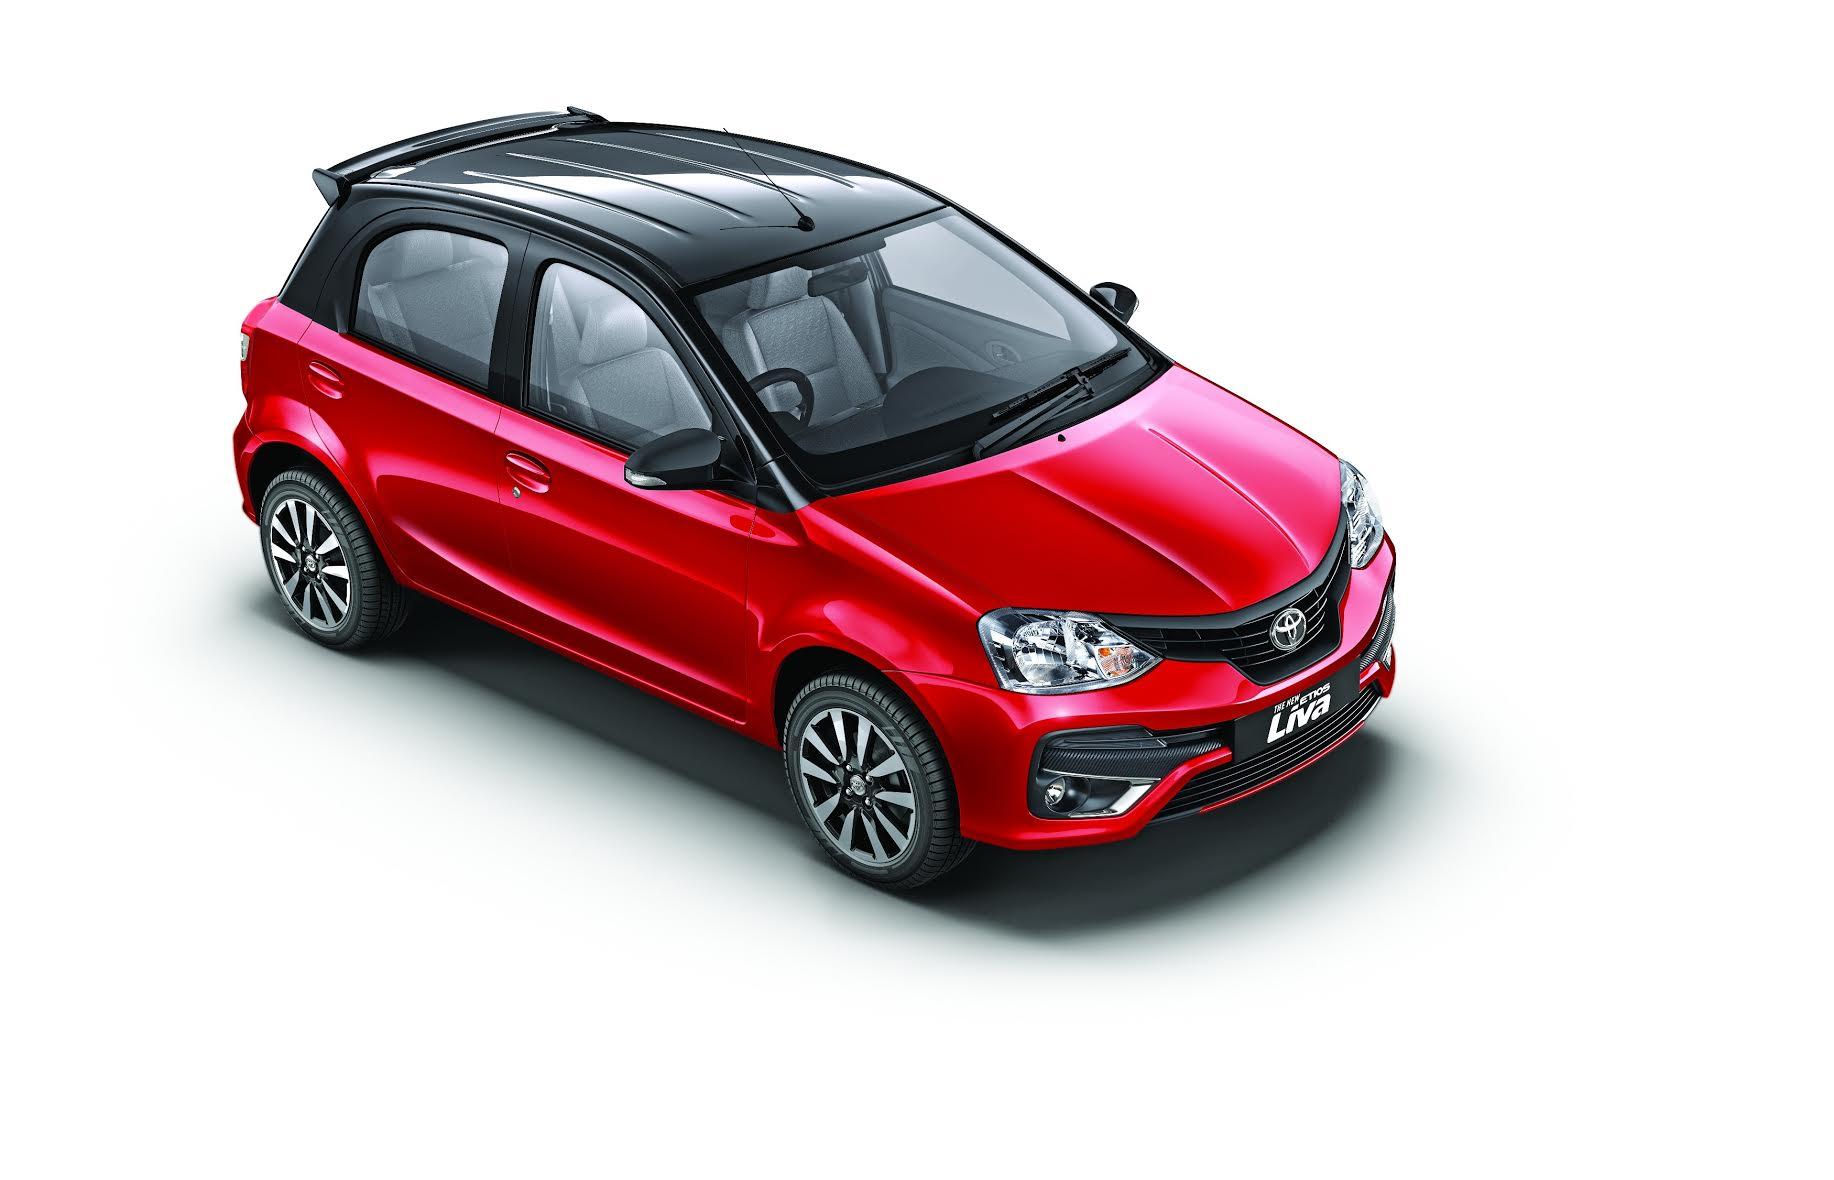 new toyota etios liva dual tone interiors red black